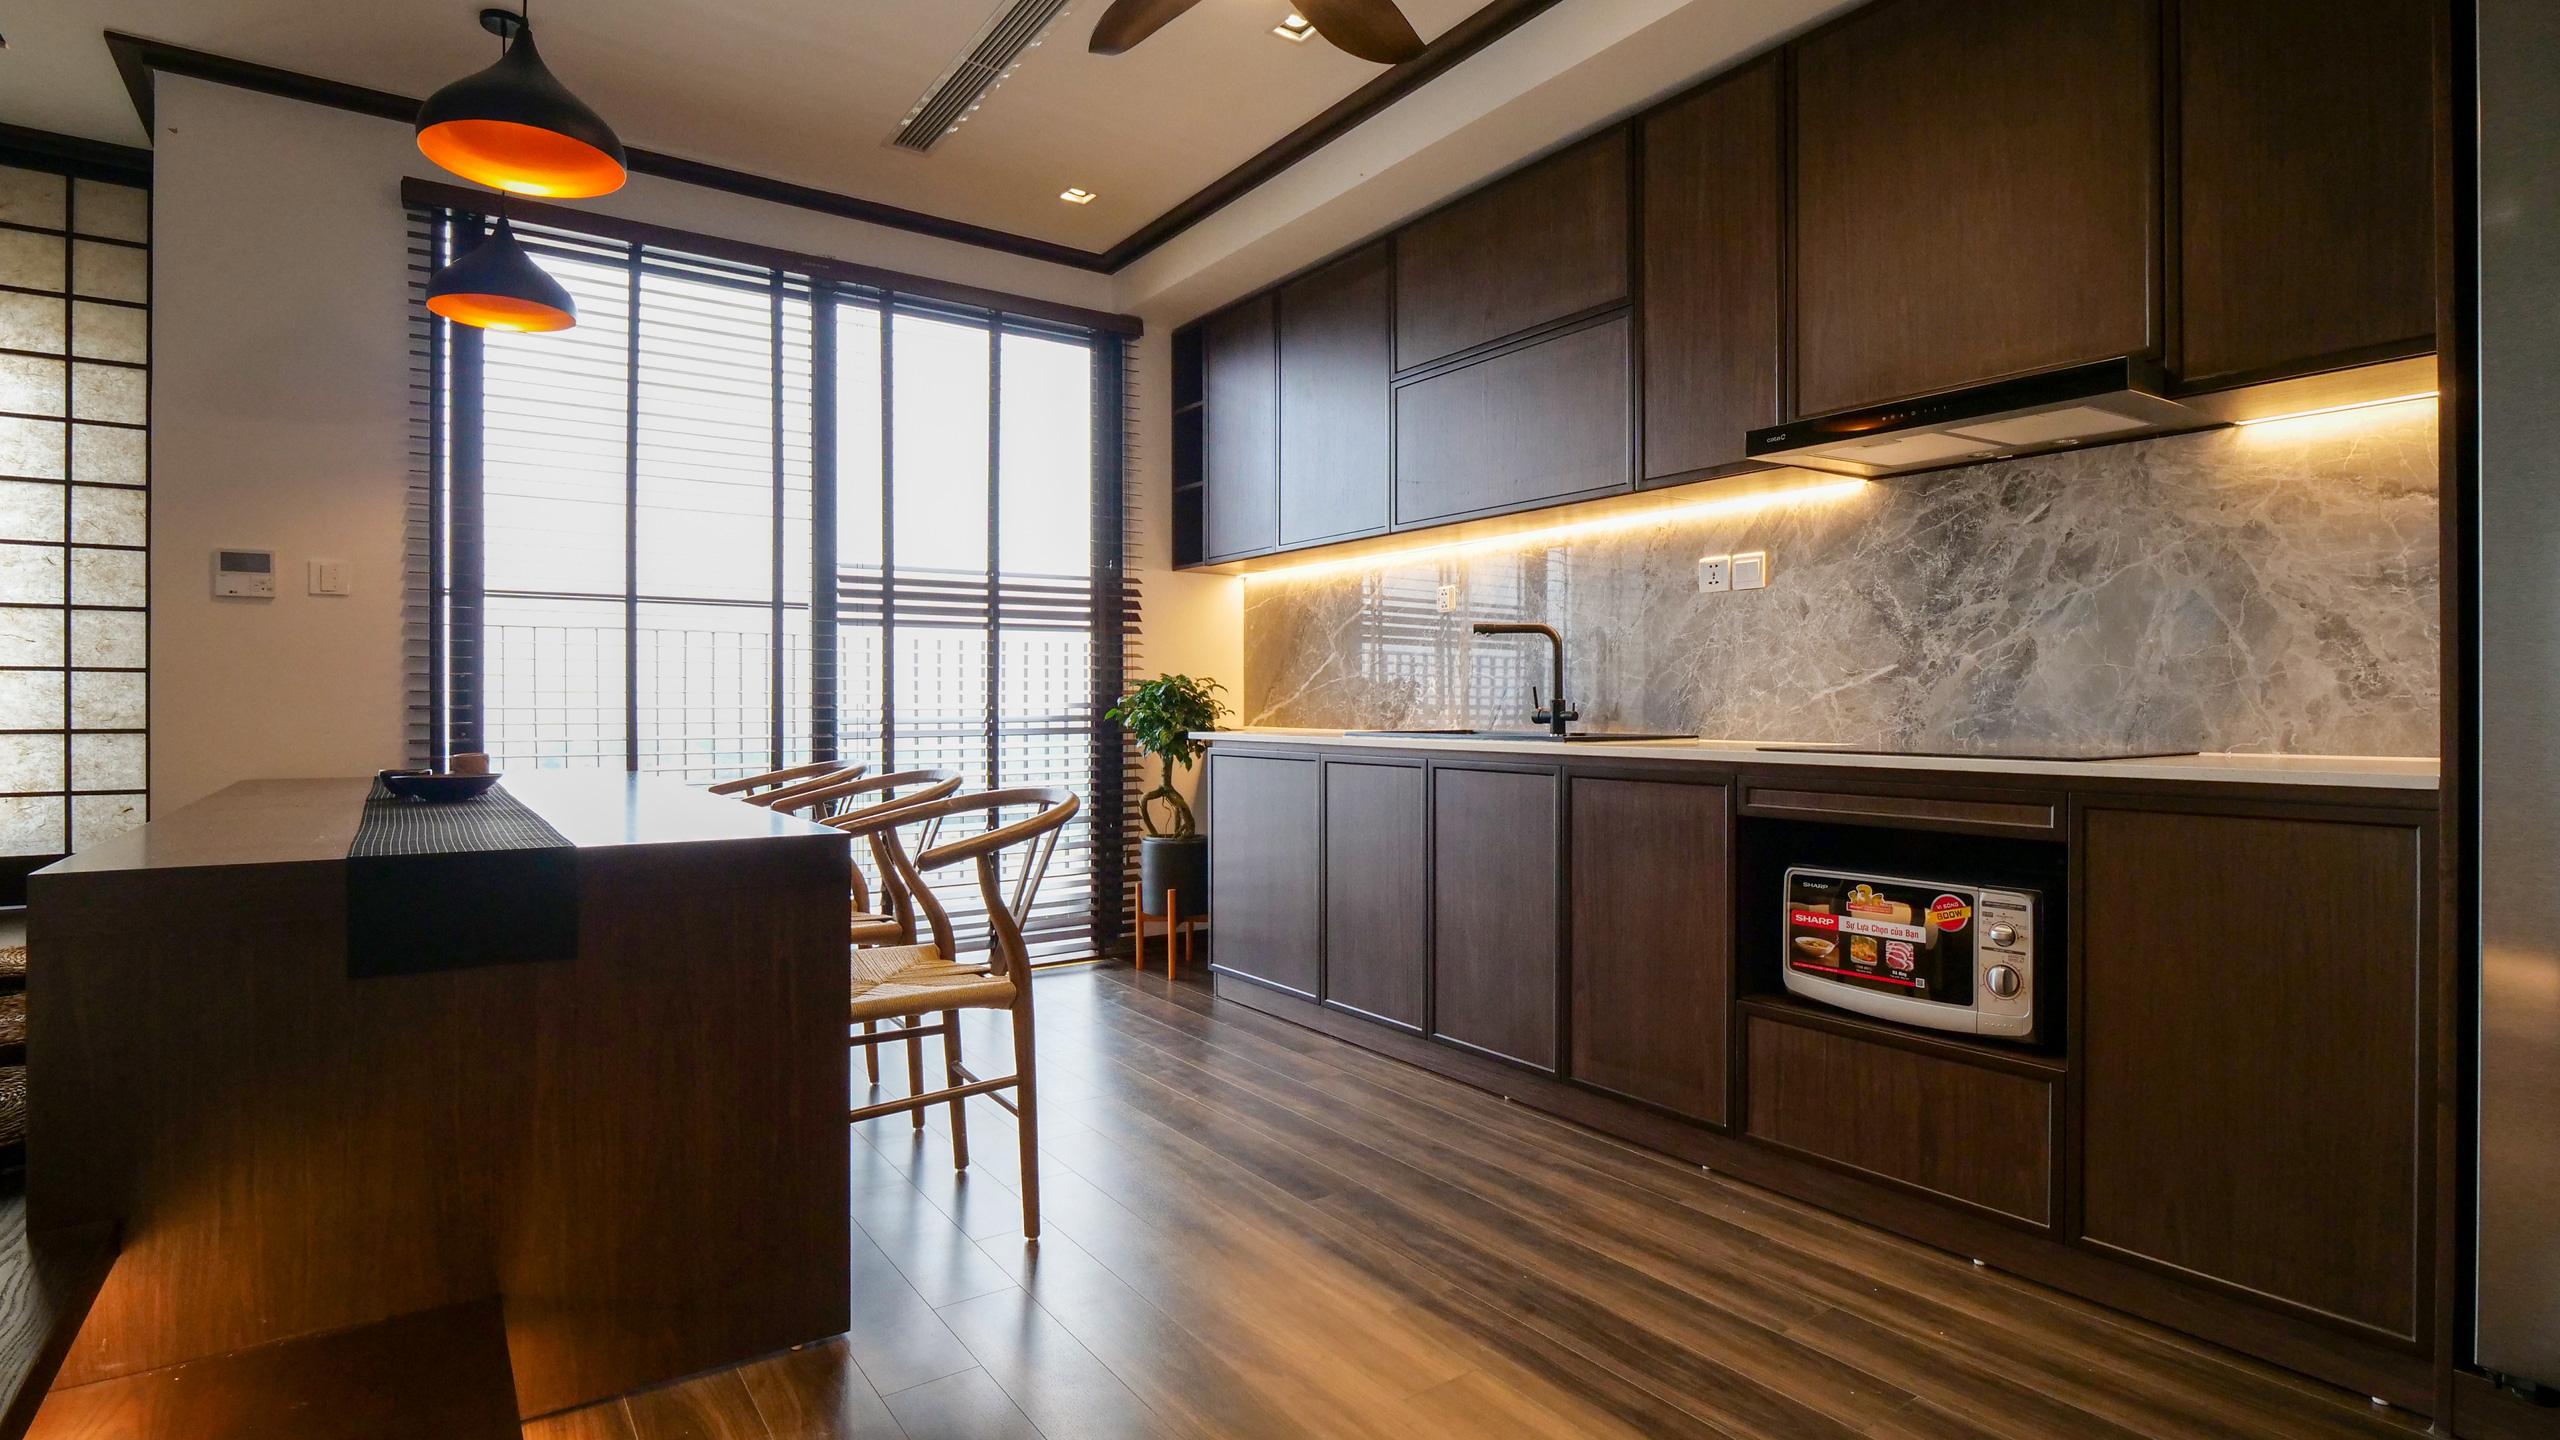 Căn hộ Vinhomes với phong cách Nhật Bản tinh tế và tiện nghi, ăn tiền nhất là view đắt giá bao trọn VinUni - Ảnh 5.